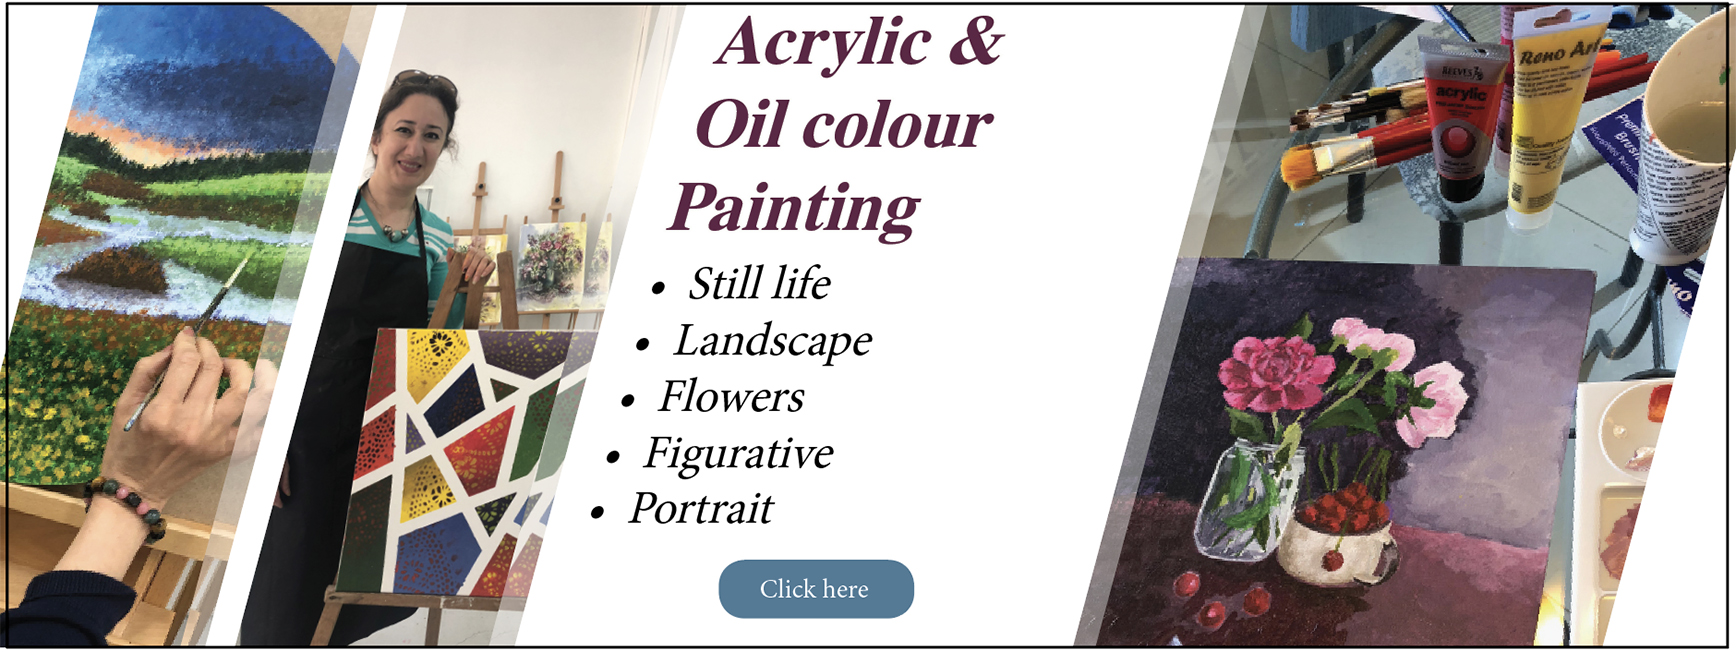 Acrylic & Oil-colour painting